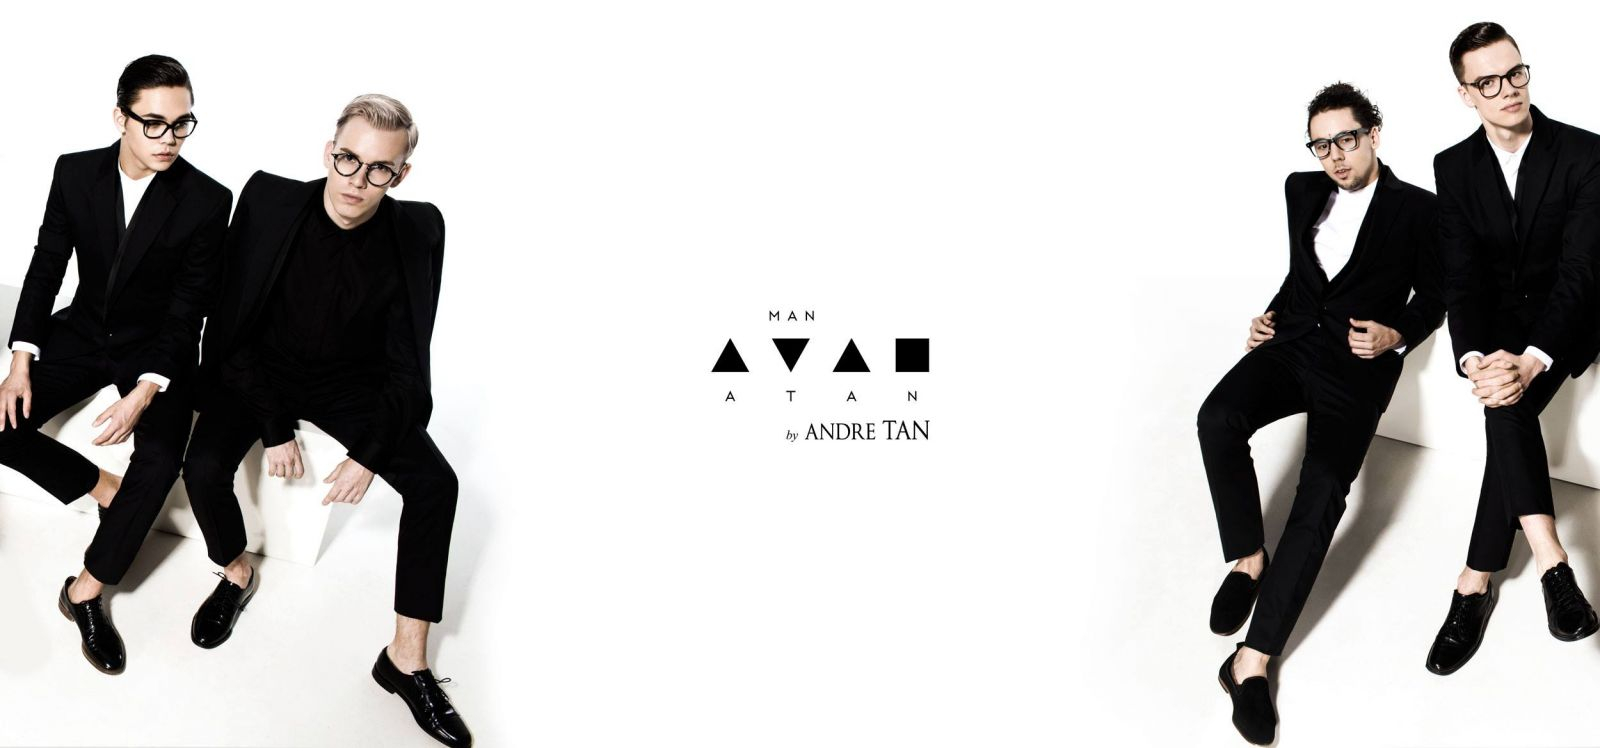 Андре Тан снял красавцев-парней в своей новой фотосессии